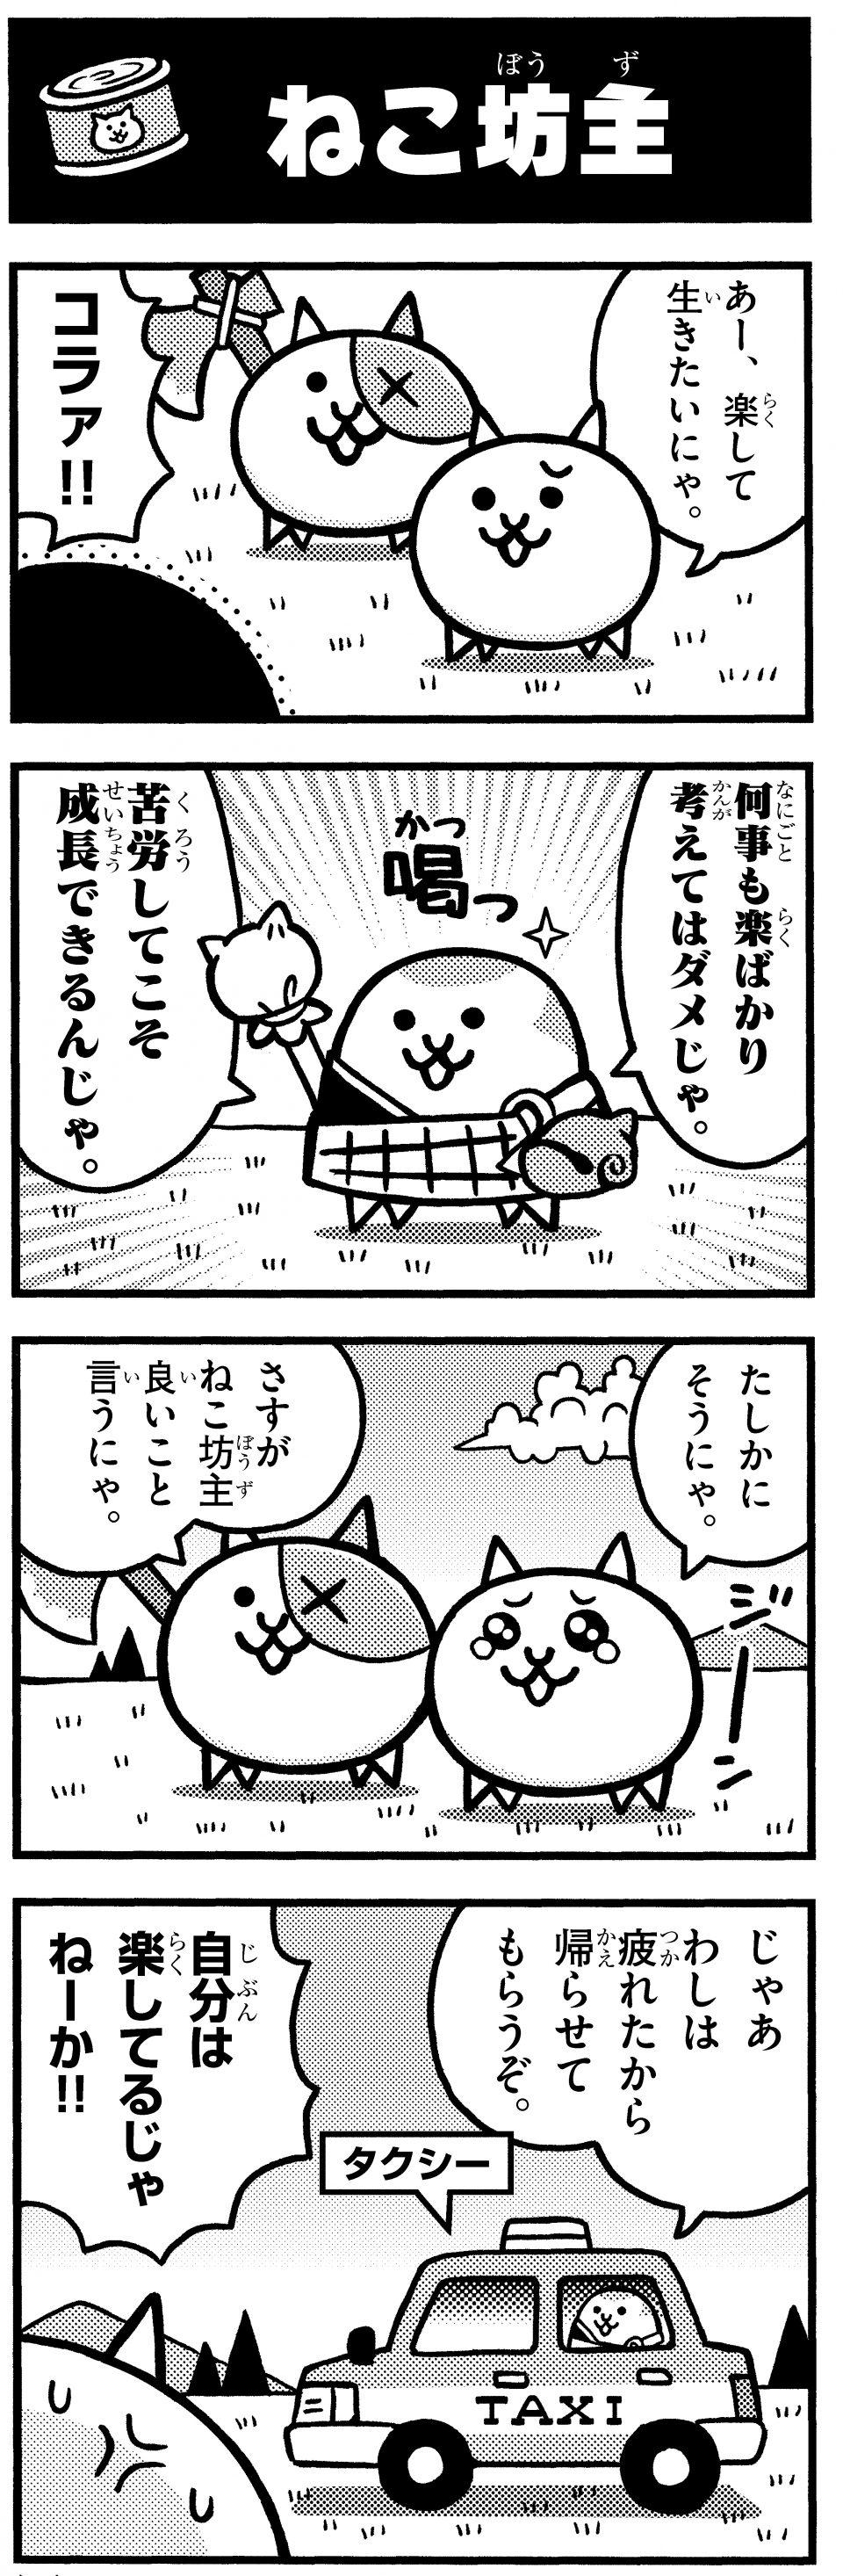 の ネコ 狂乱 巨神